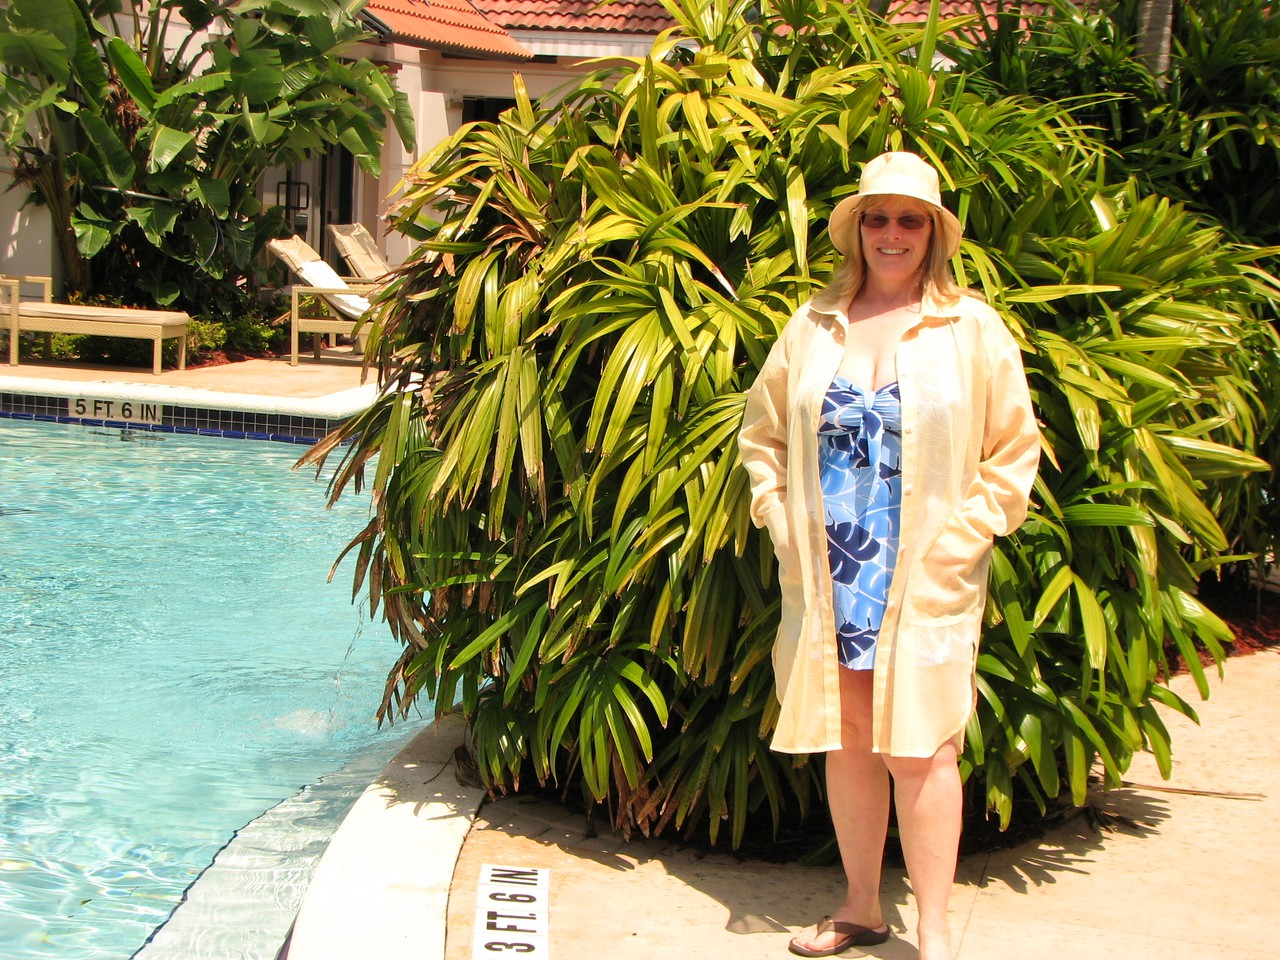 Karen at the pool